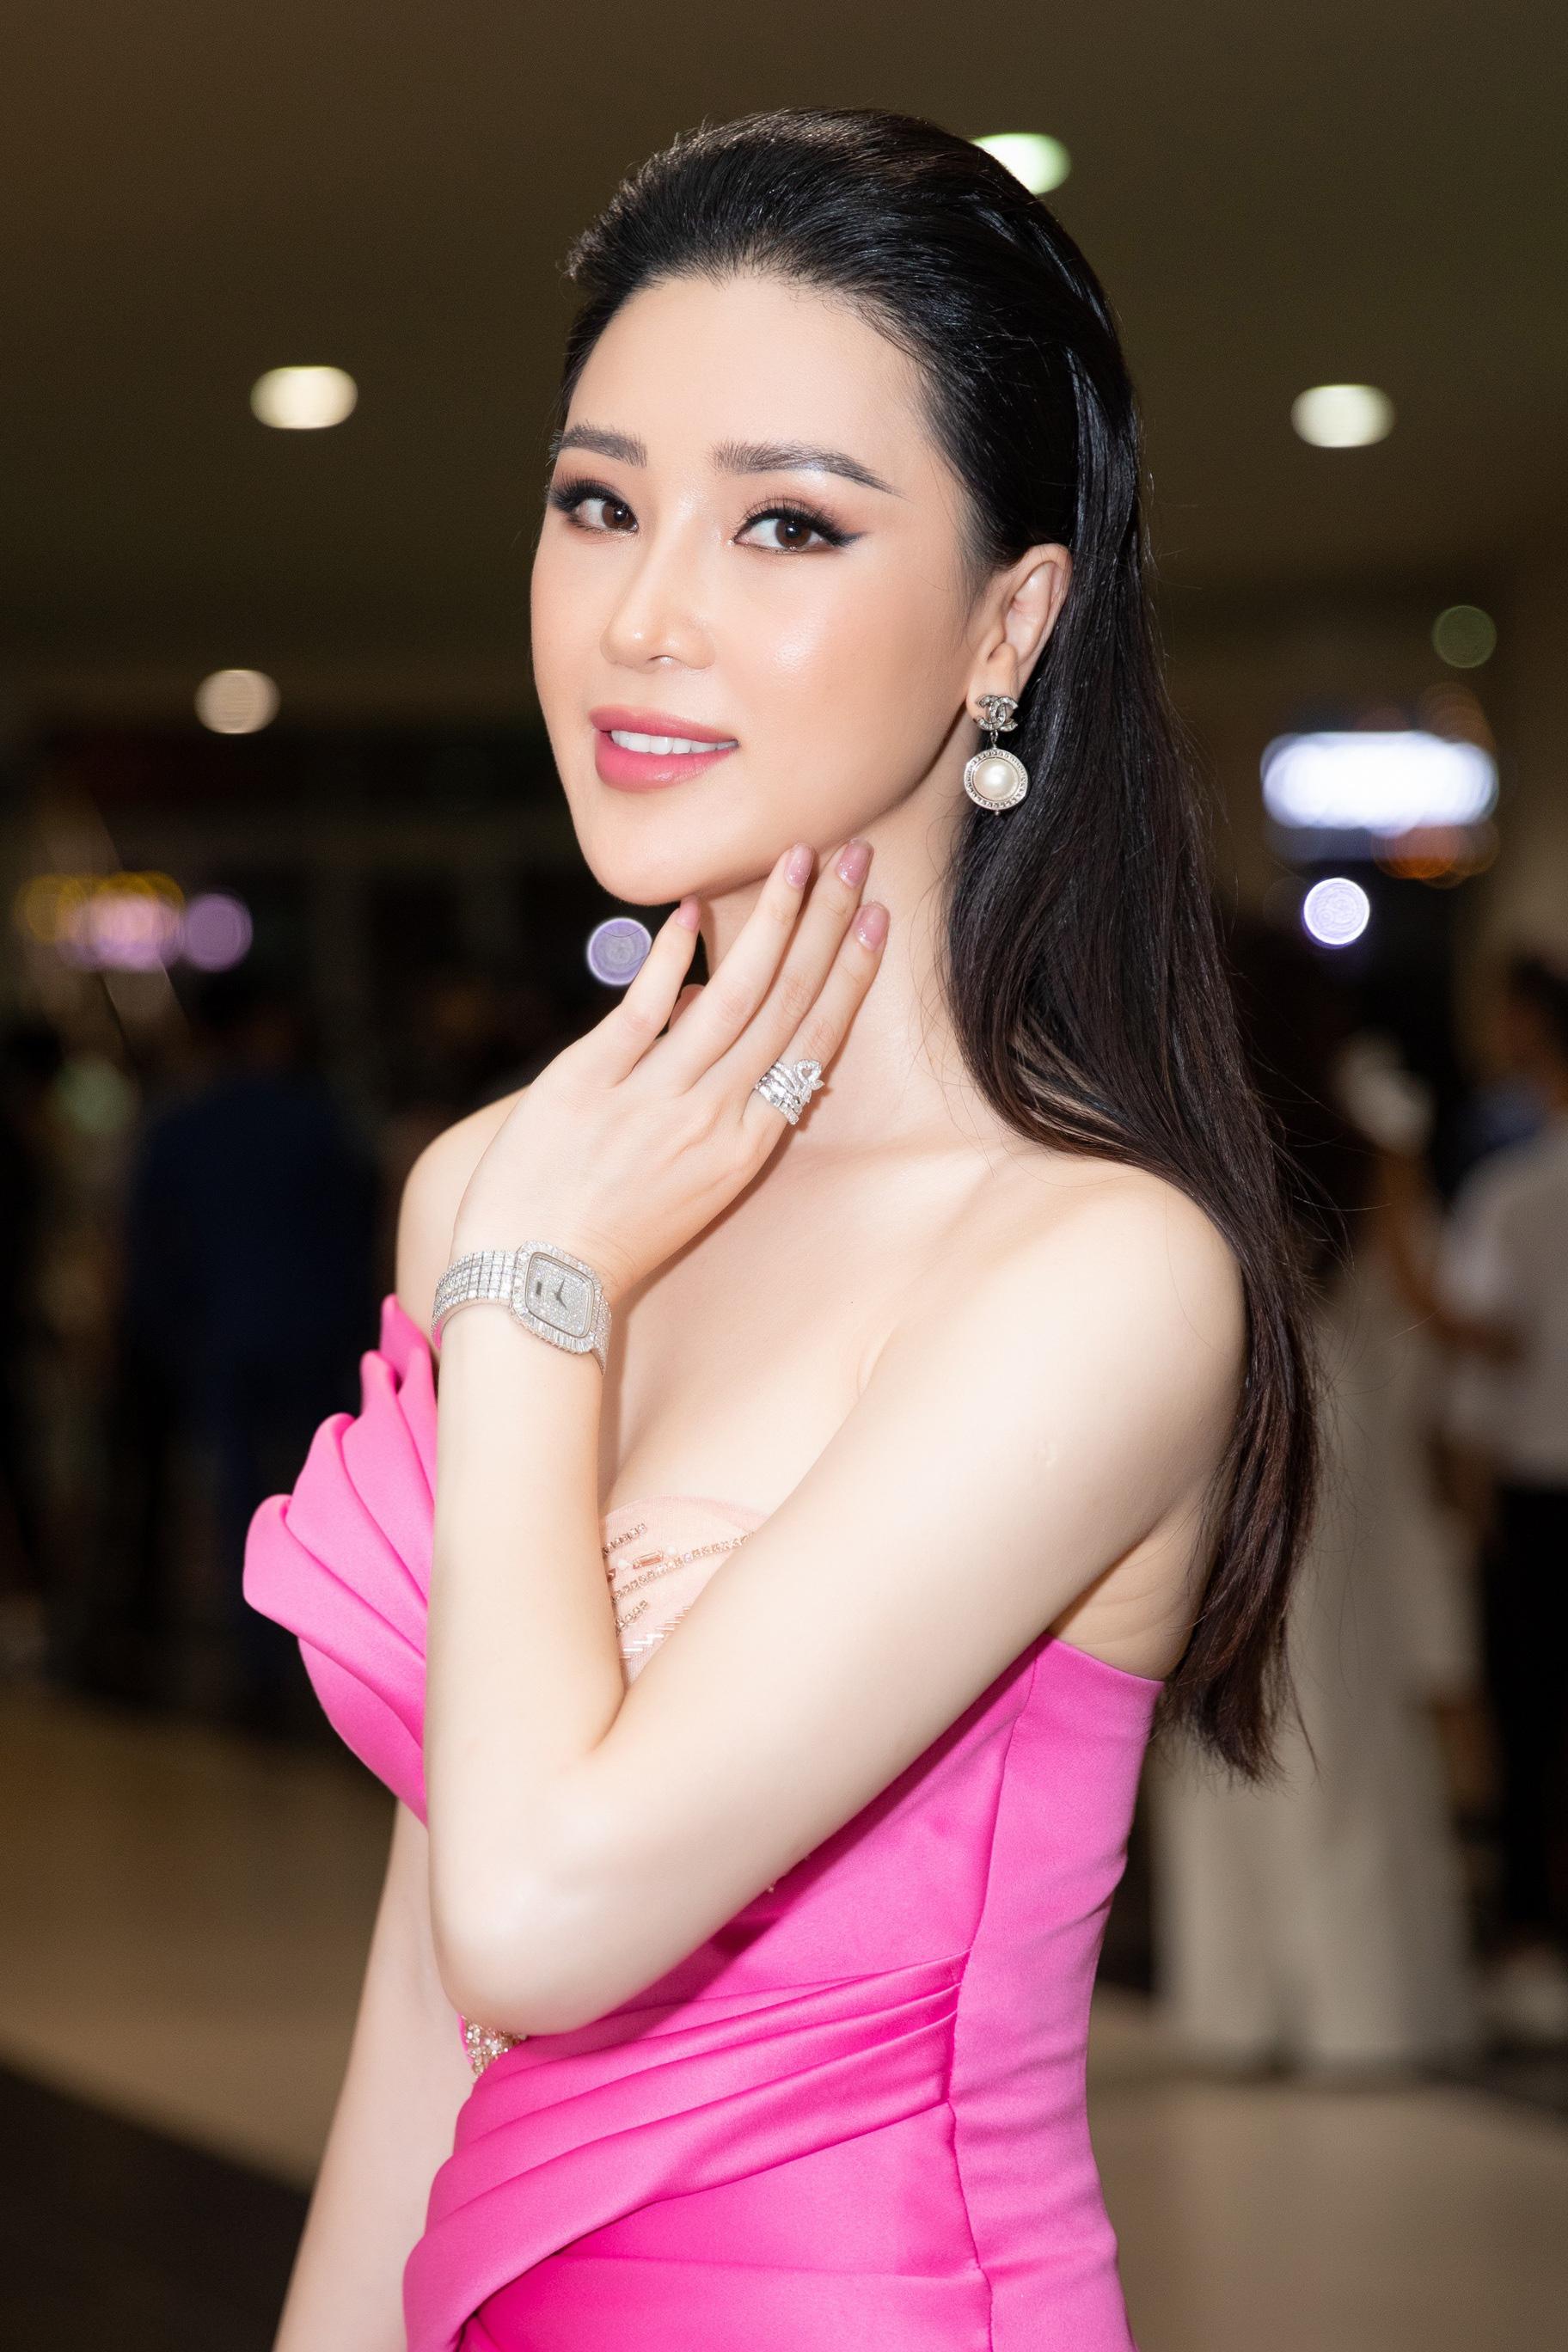 """Thái Như Ngọc: """"Tôi bị lôi cuốn bởi nét đẹp của Đỗ Thị Hà"""" - Ảnh 1."""